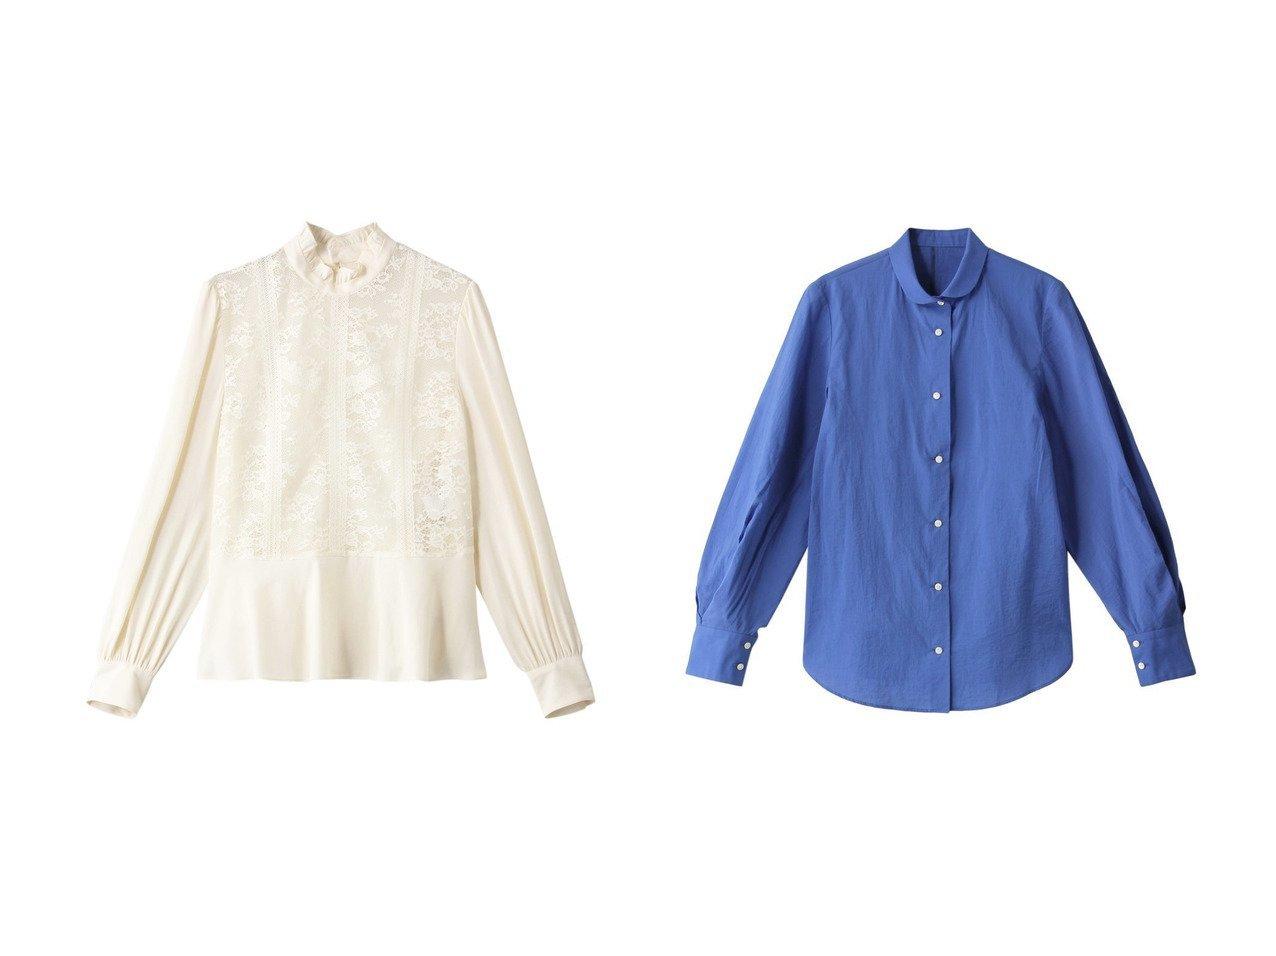 【allureville/アルアバイル】のレースジョーゼットペプラムブラウス&MANTECOパフSシャツ allurevilleのおすすめ!人気、トレンド・レディースファッションの通販 おすすめで人気の流行・トレンド、ファッションの通販商品 メンズファッション・キッズファッション・インテリア・家具・レディースファッション・服の通販 founy(ファニー) https://founy.com/ ファッション Fashion レディースファッション WOMEN トップス カットソー Tops Tshirt シャツ/ブラウス Shirts Blouses 2021年 2021 2021 春夏 S/S SS Spring/Summer 2021 S/S 春夏 SS Spring/Summer エレガント シンプル スリーブ ハイネック フリル ペプラム レース ロング 春 Spring |ID:crp329100000019873